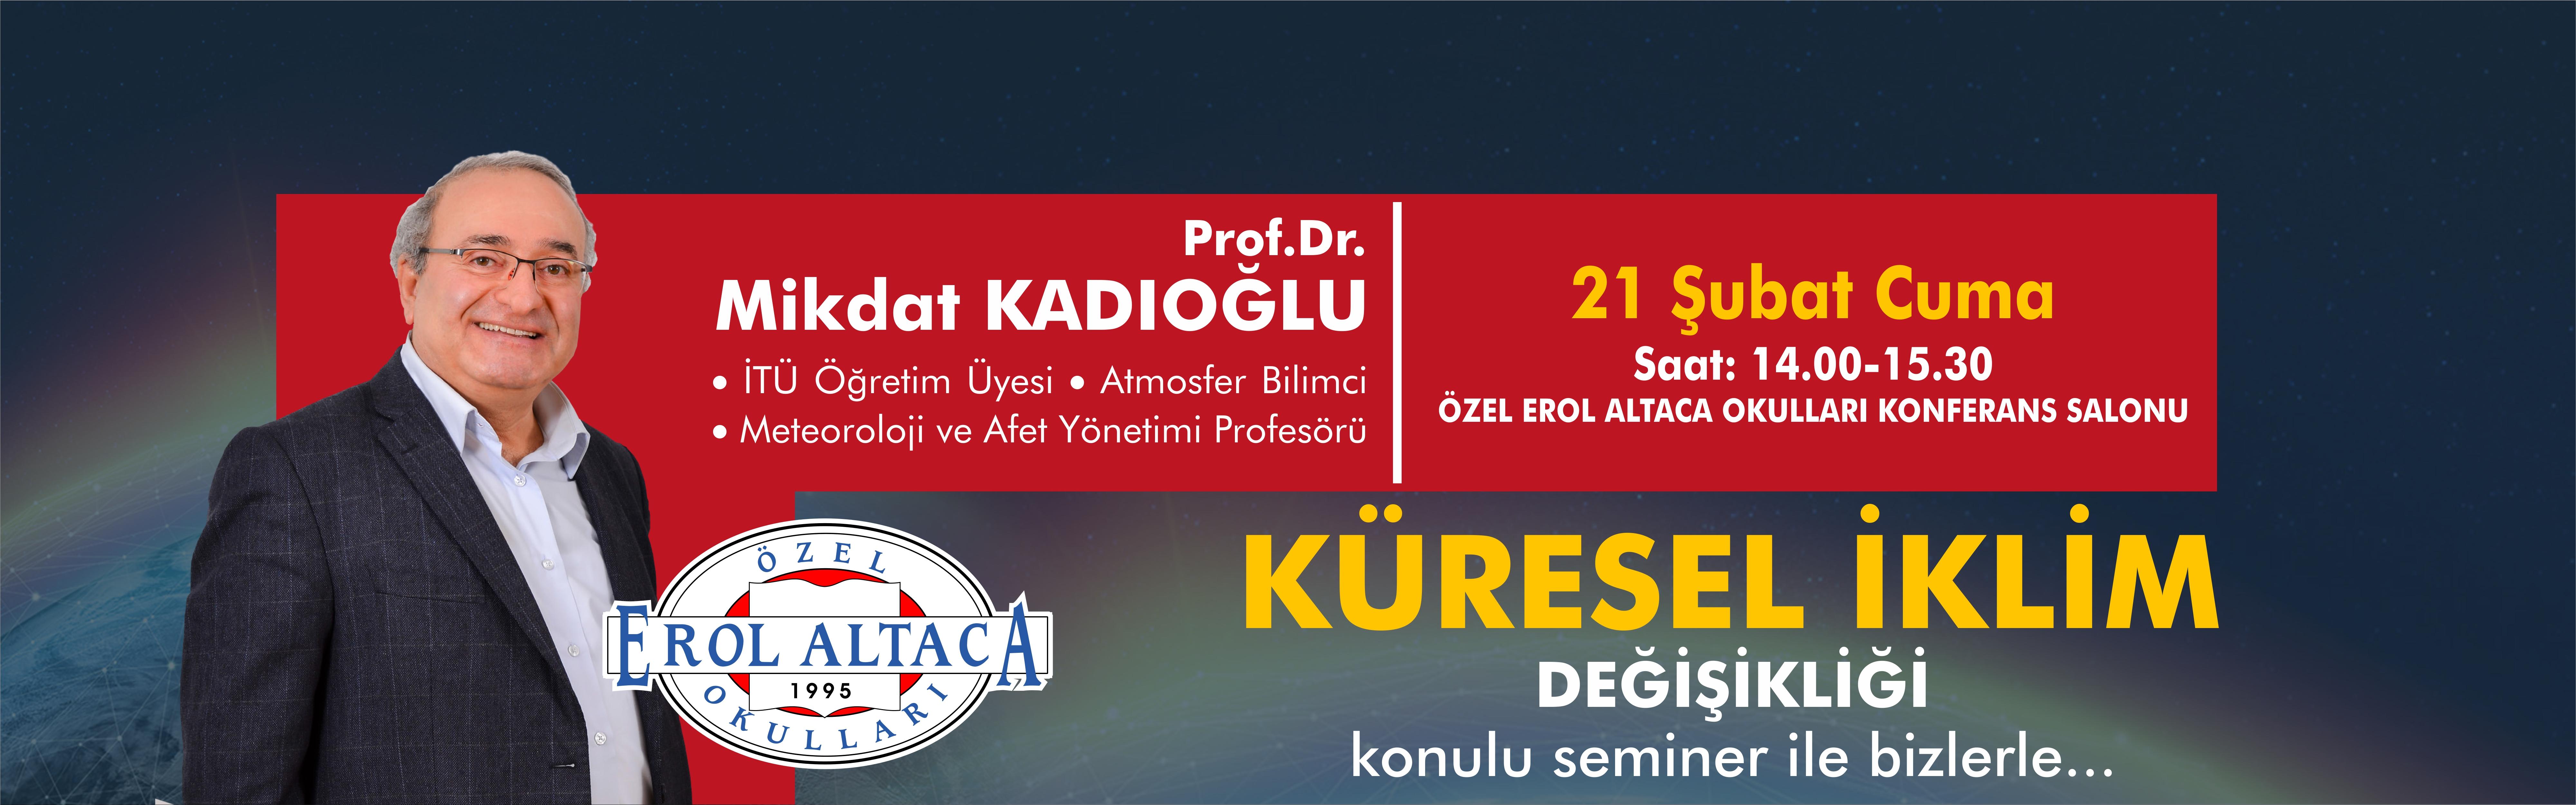 Prof. Dr. Mikdat KADIOĞLU KÜRESEL İKLİM DEĞİŞİKLİĞİ konulu semineri ile bizlerle...